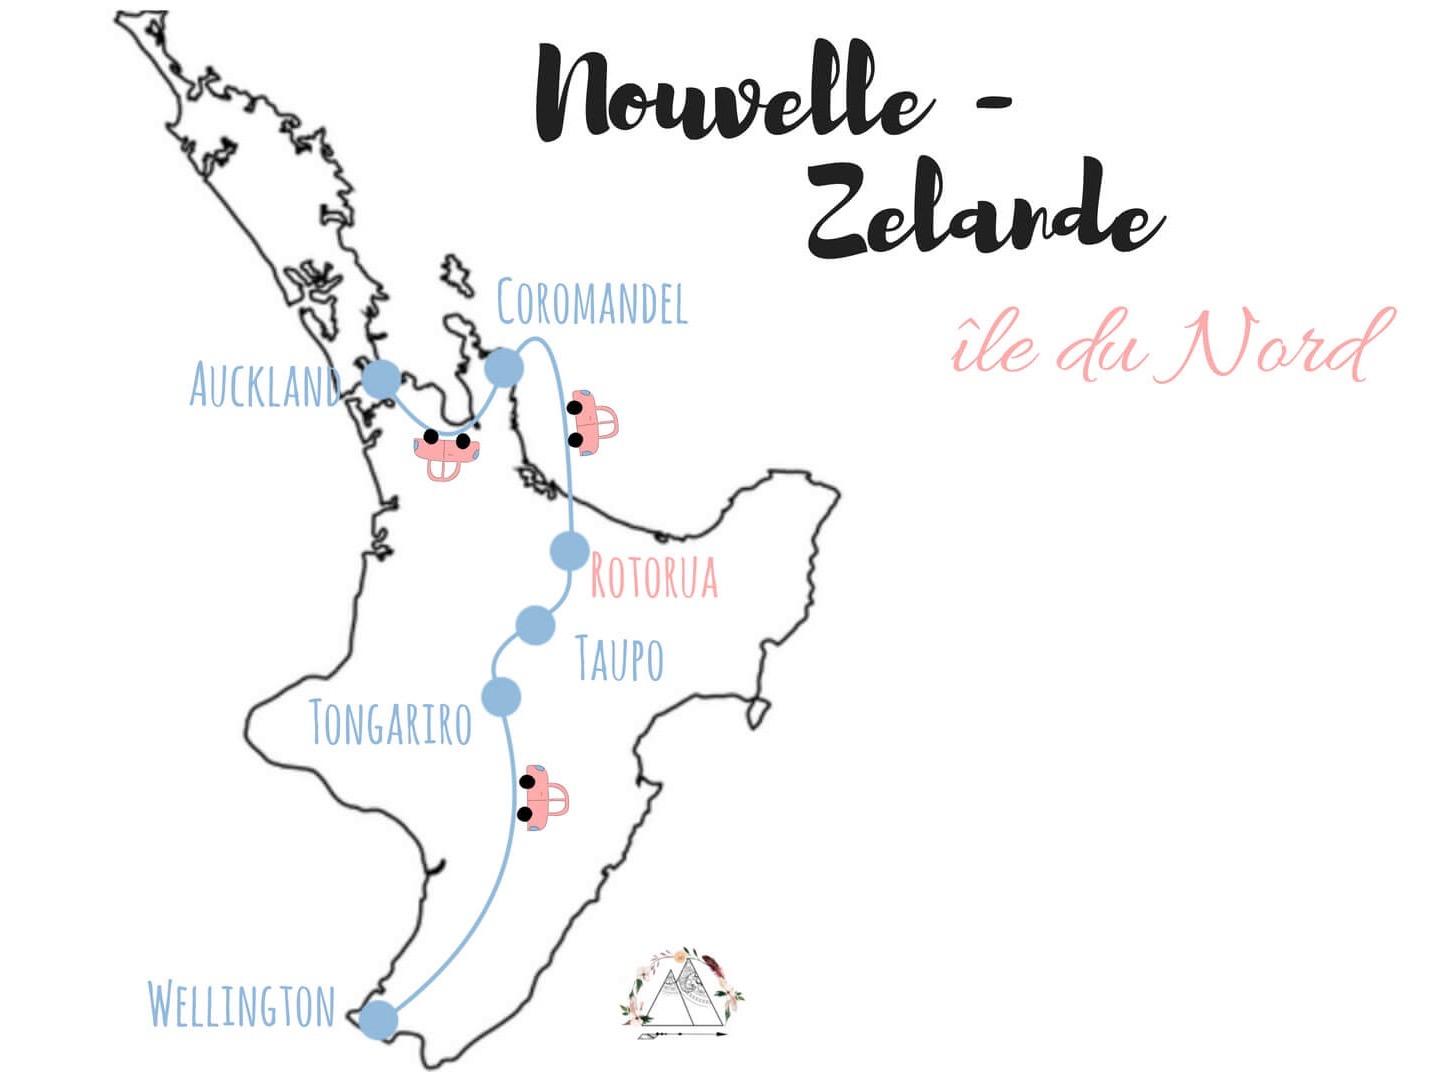 Visiter l'ile du sud de la nouvelle Zélande en 10 jours en van